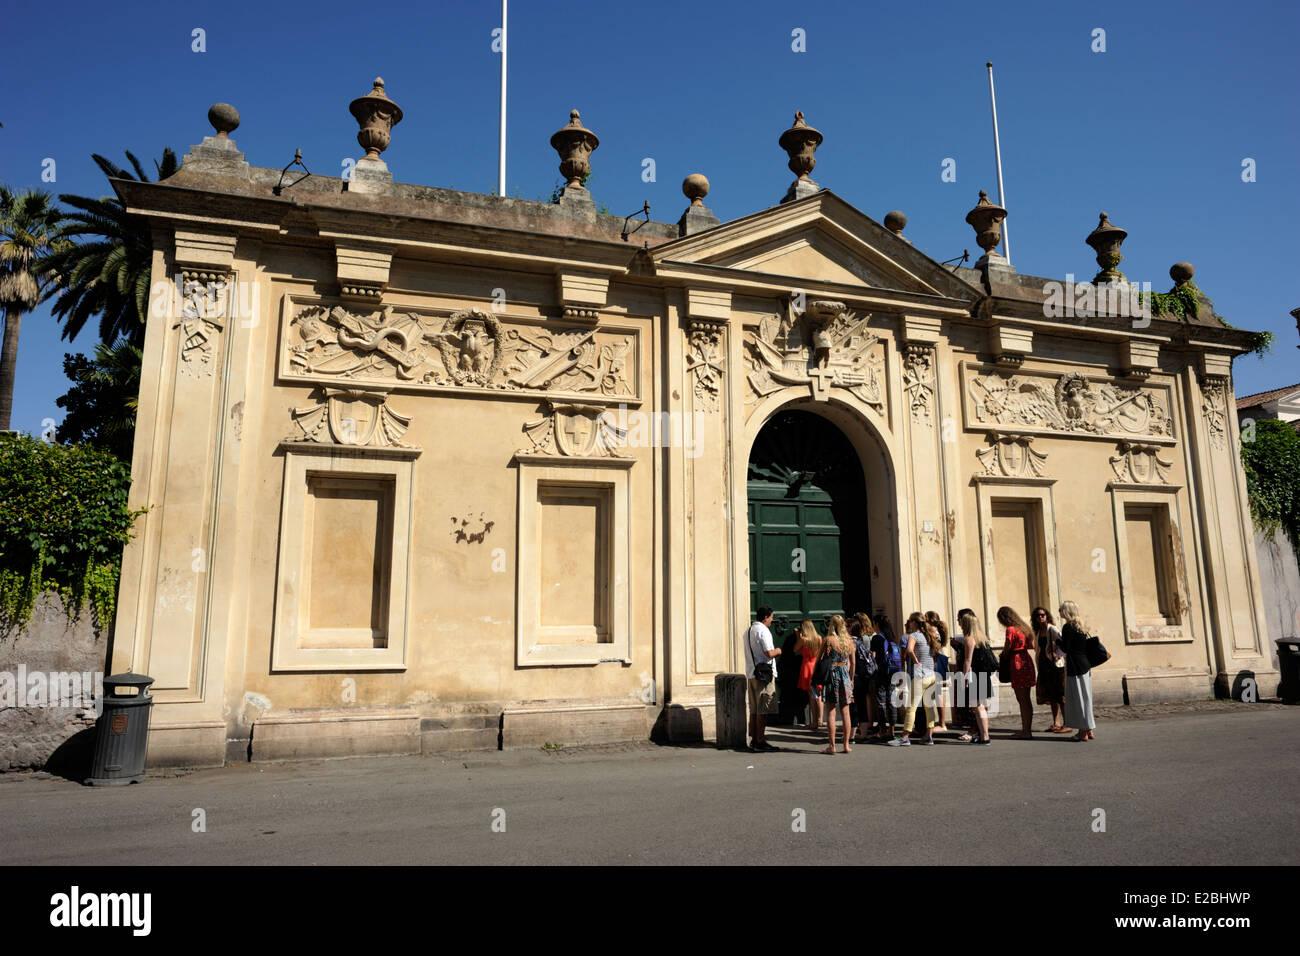 italy, rome, aventino, piazza dei cavalieri di malta, priory of the knights of malta - Stock Image